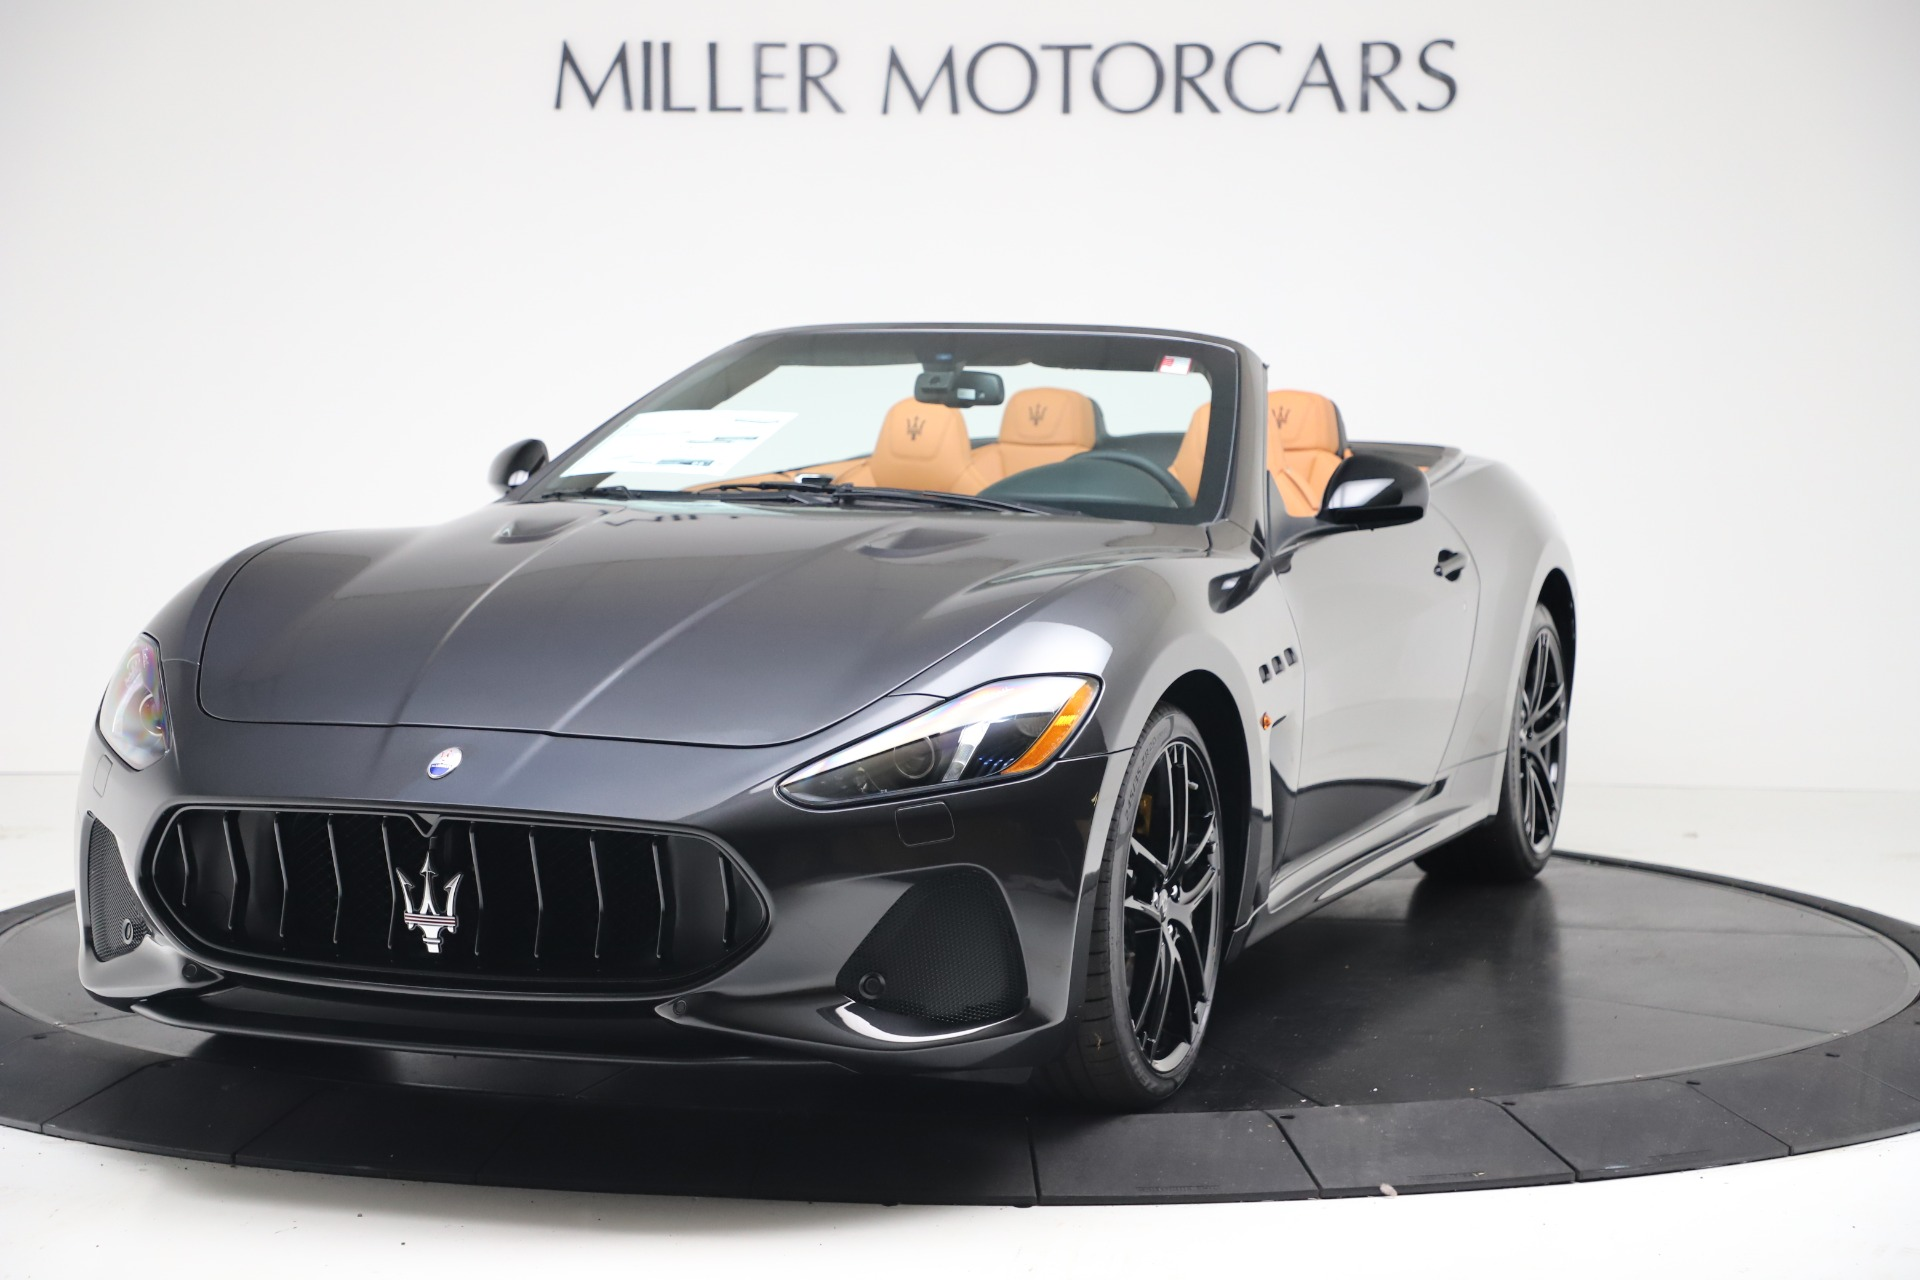 New 2019 Maserati GranTurismo MC Convertible for sale Sold at Alfa Romeo of Greenwich in Greenwich CT 06830 1